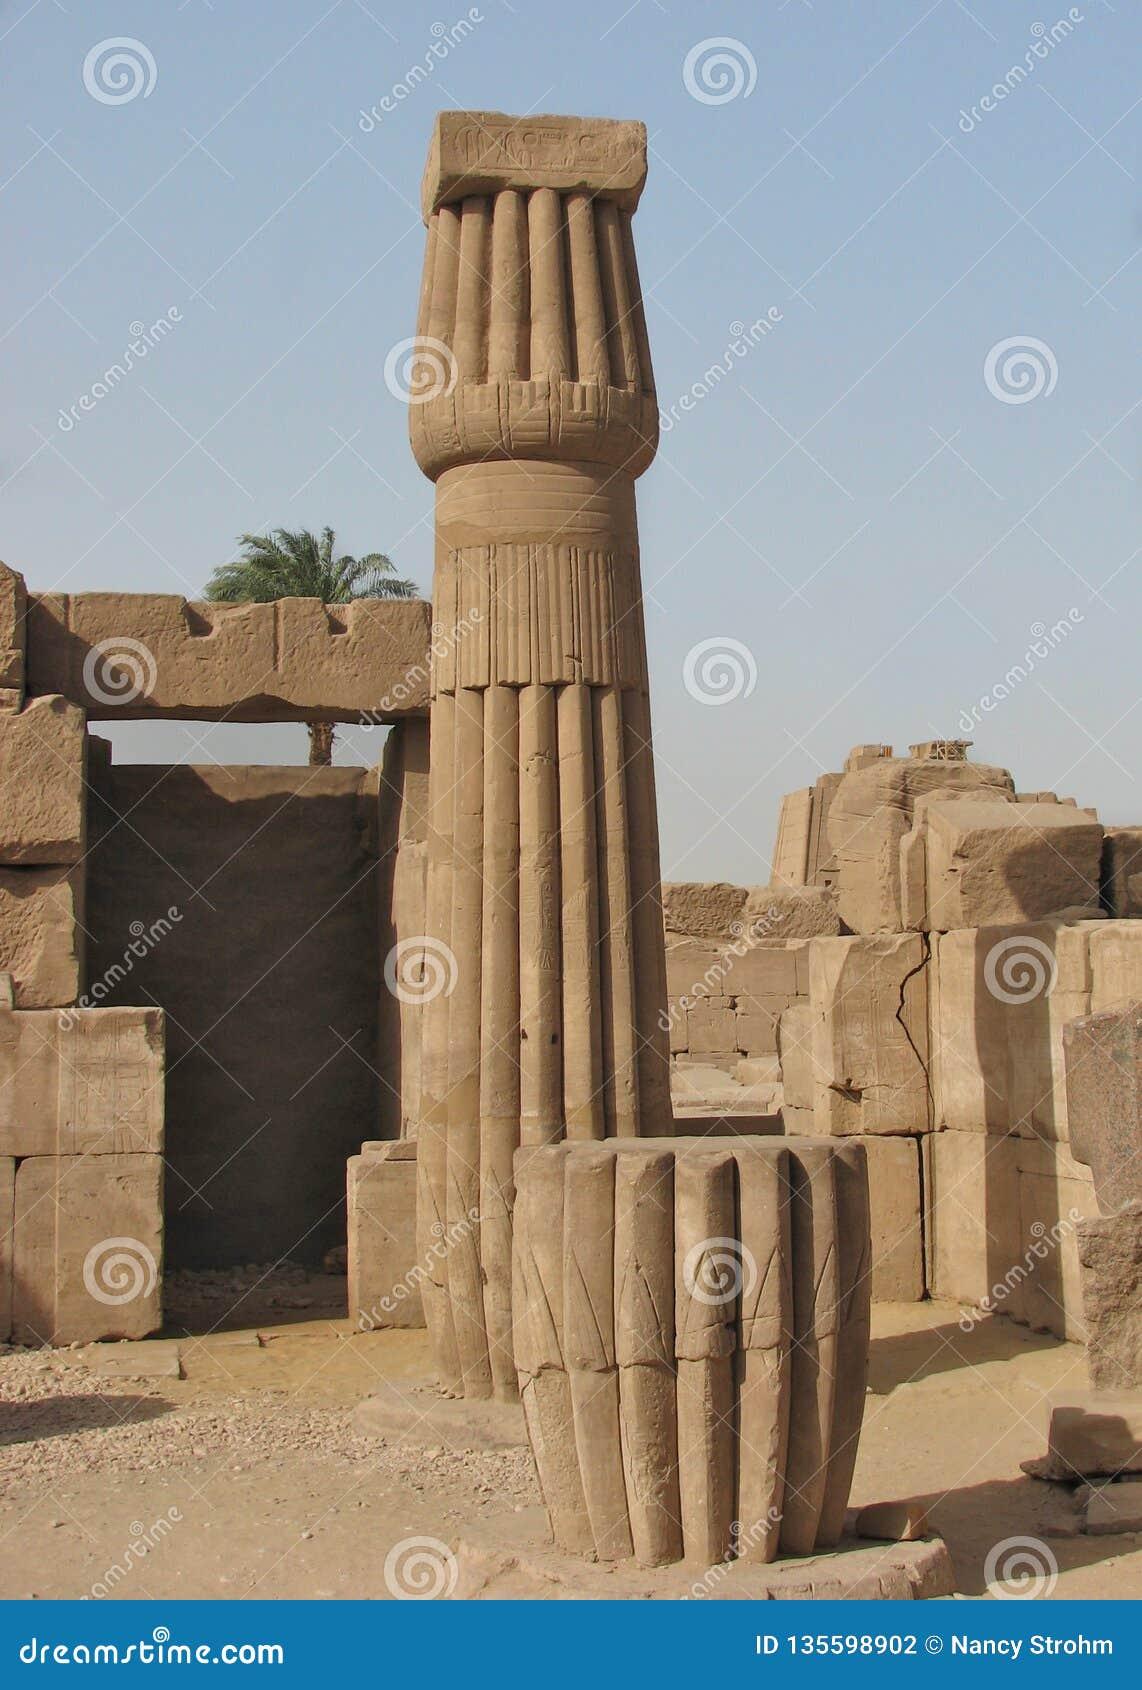 纸莎草专栏,卡尔纳克,埃及寺庙